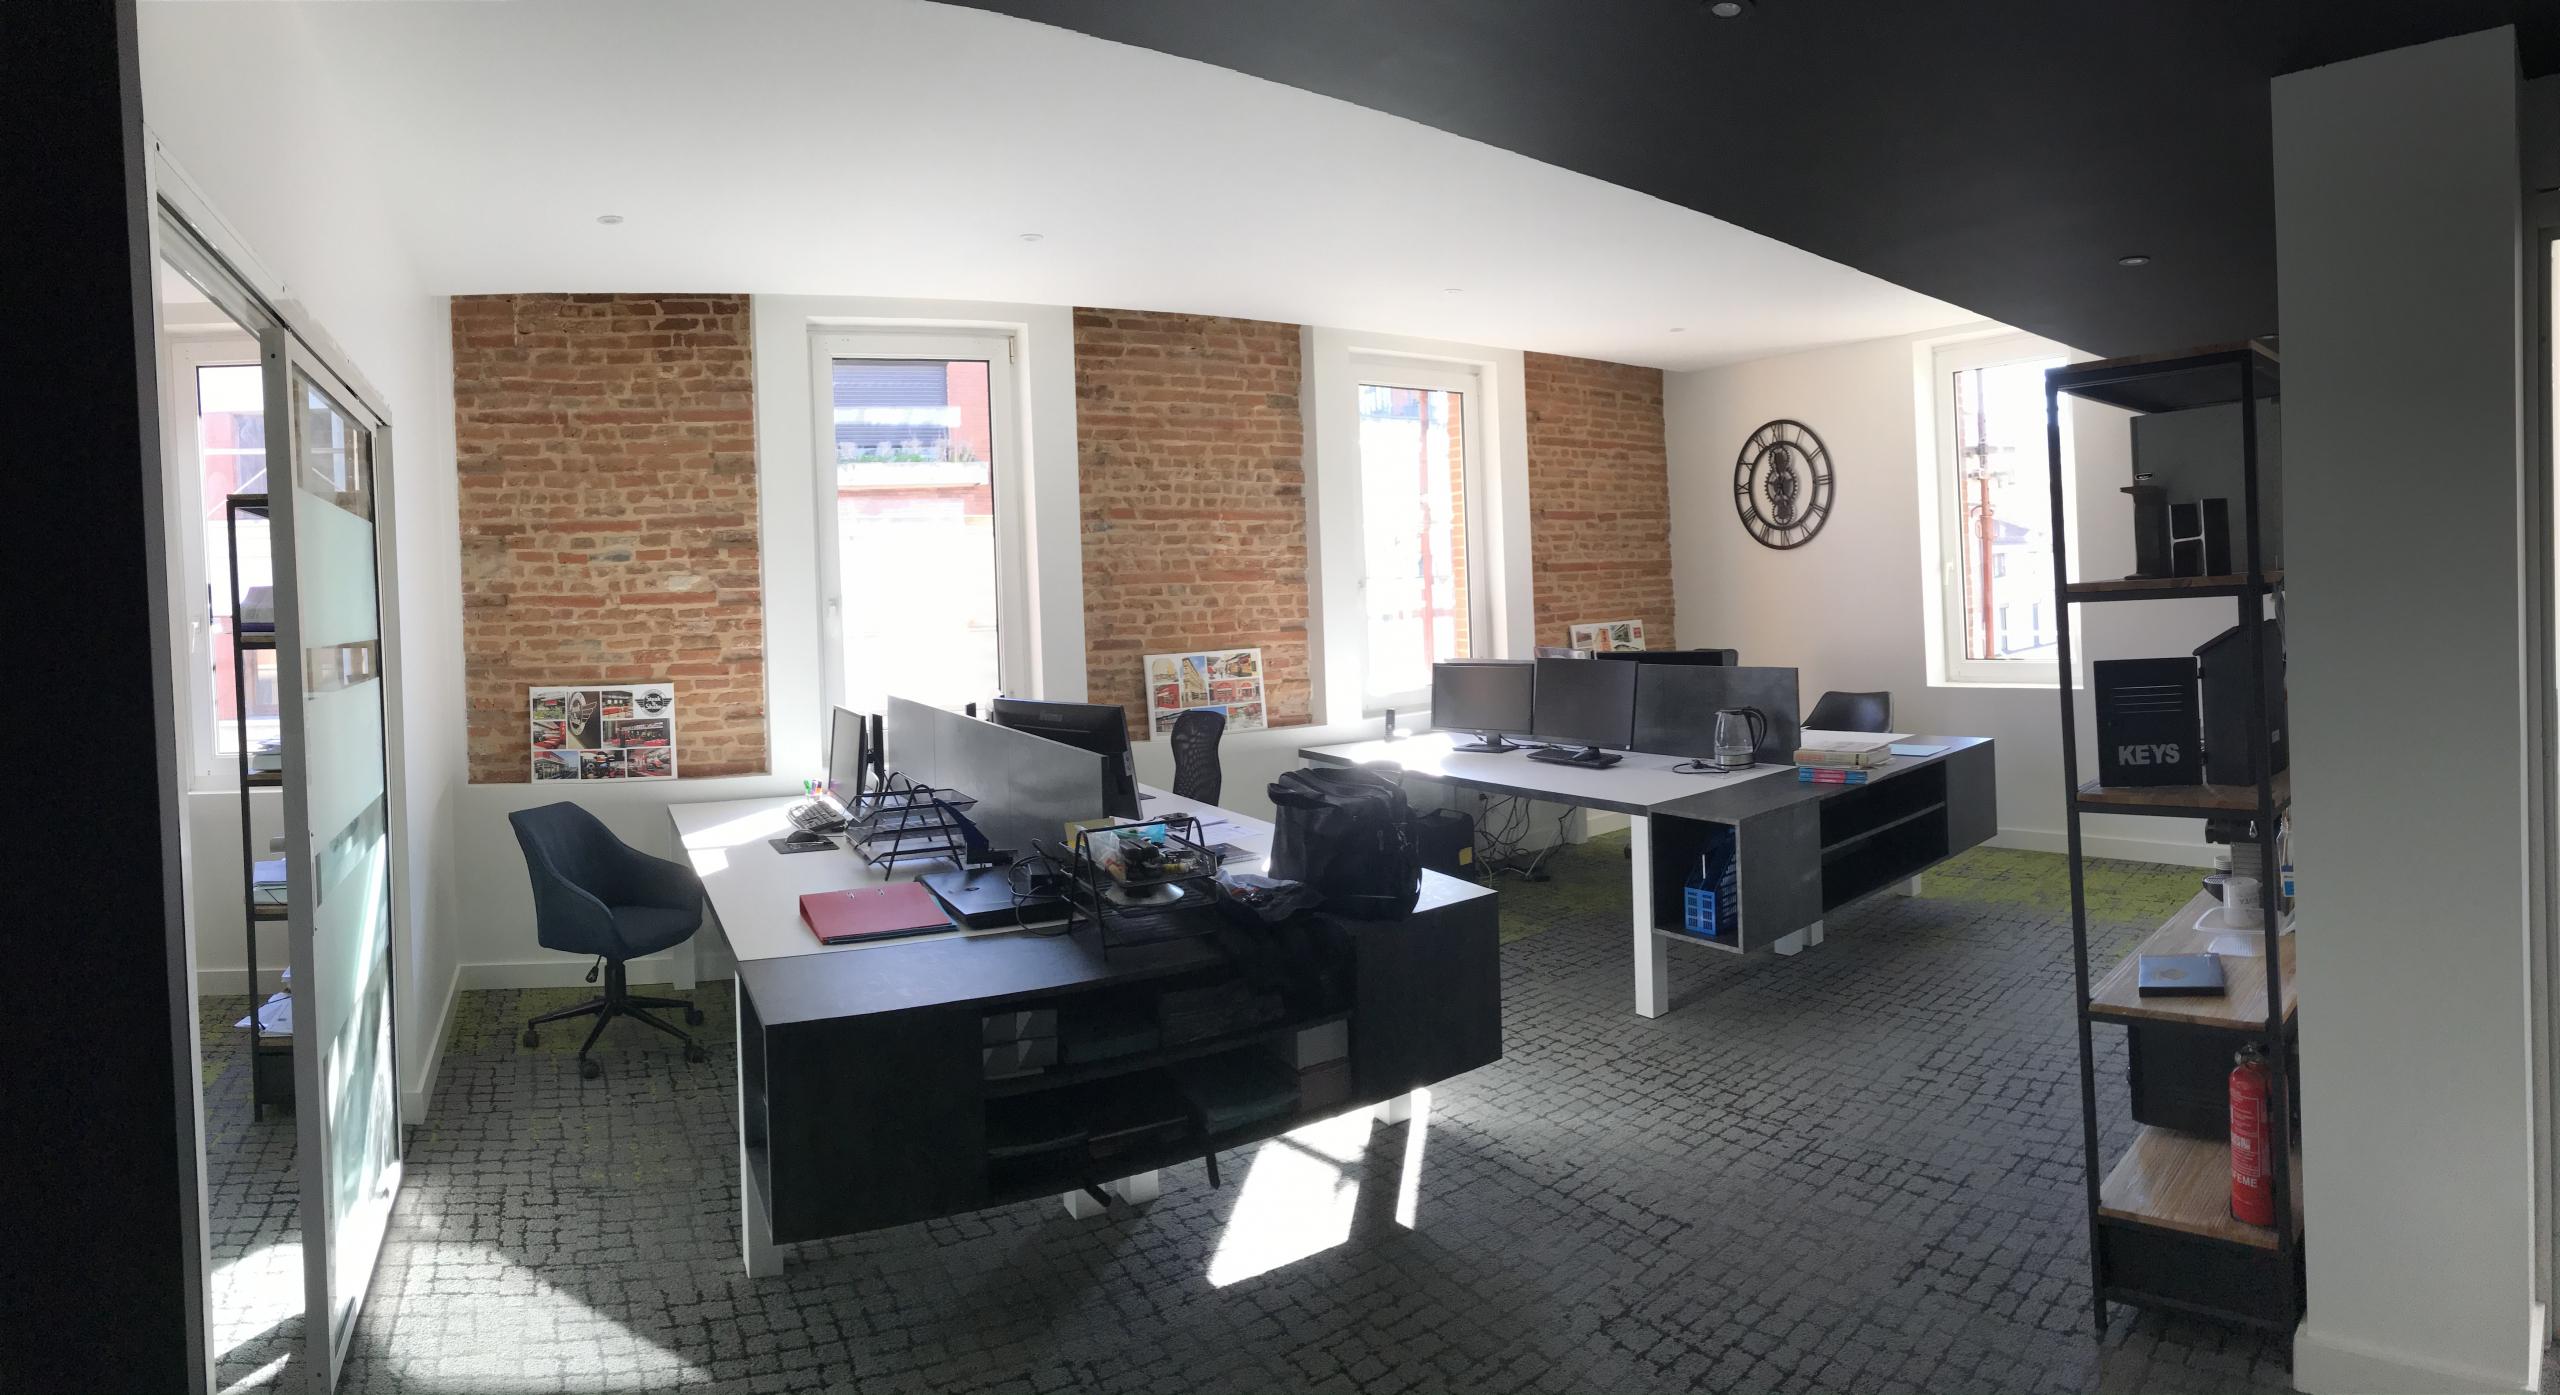 Surélévation et rénovation complète d'un immeuble pour la création d'espace de bureaux. Une conception réalisation SILVEA Architectes.